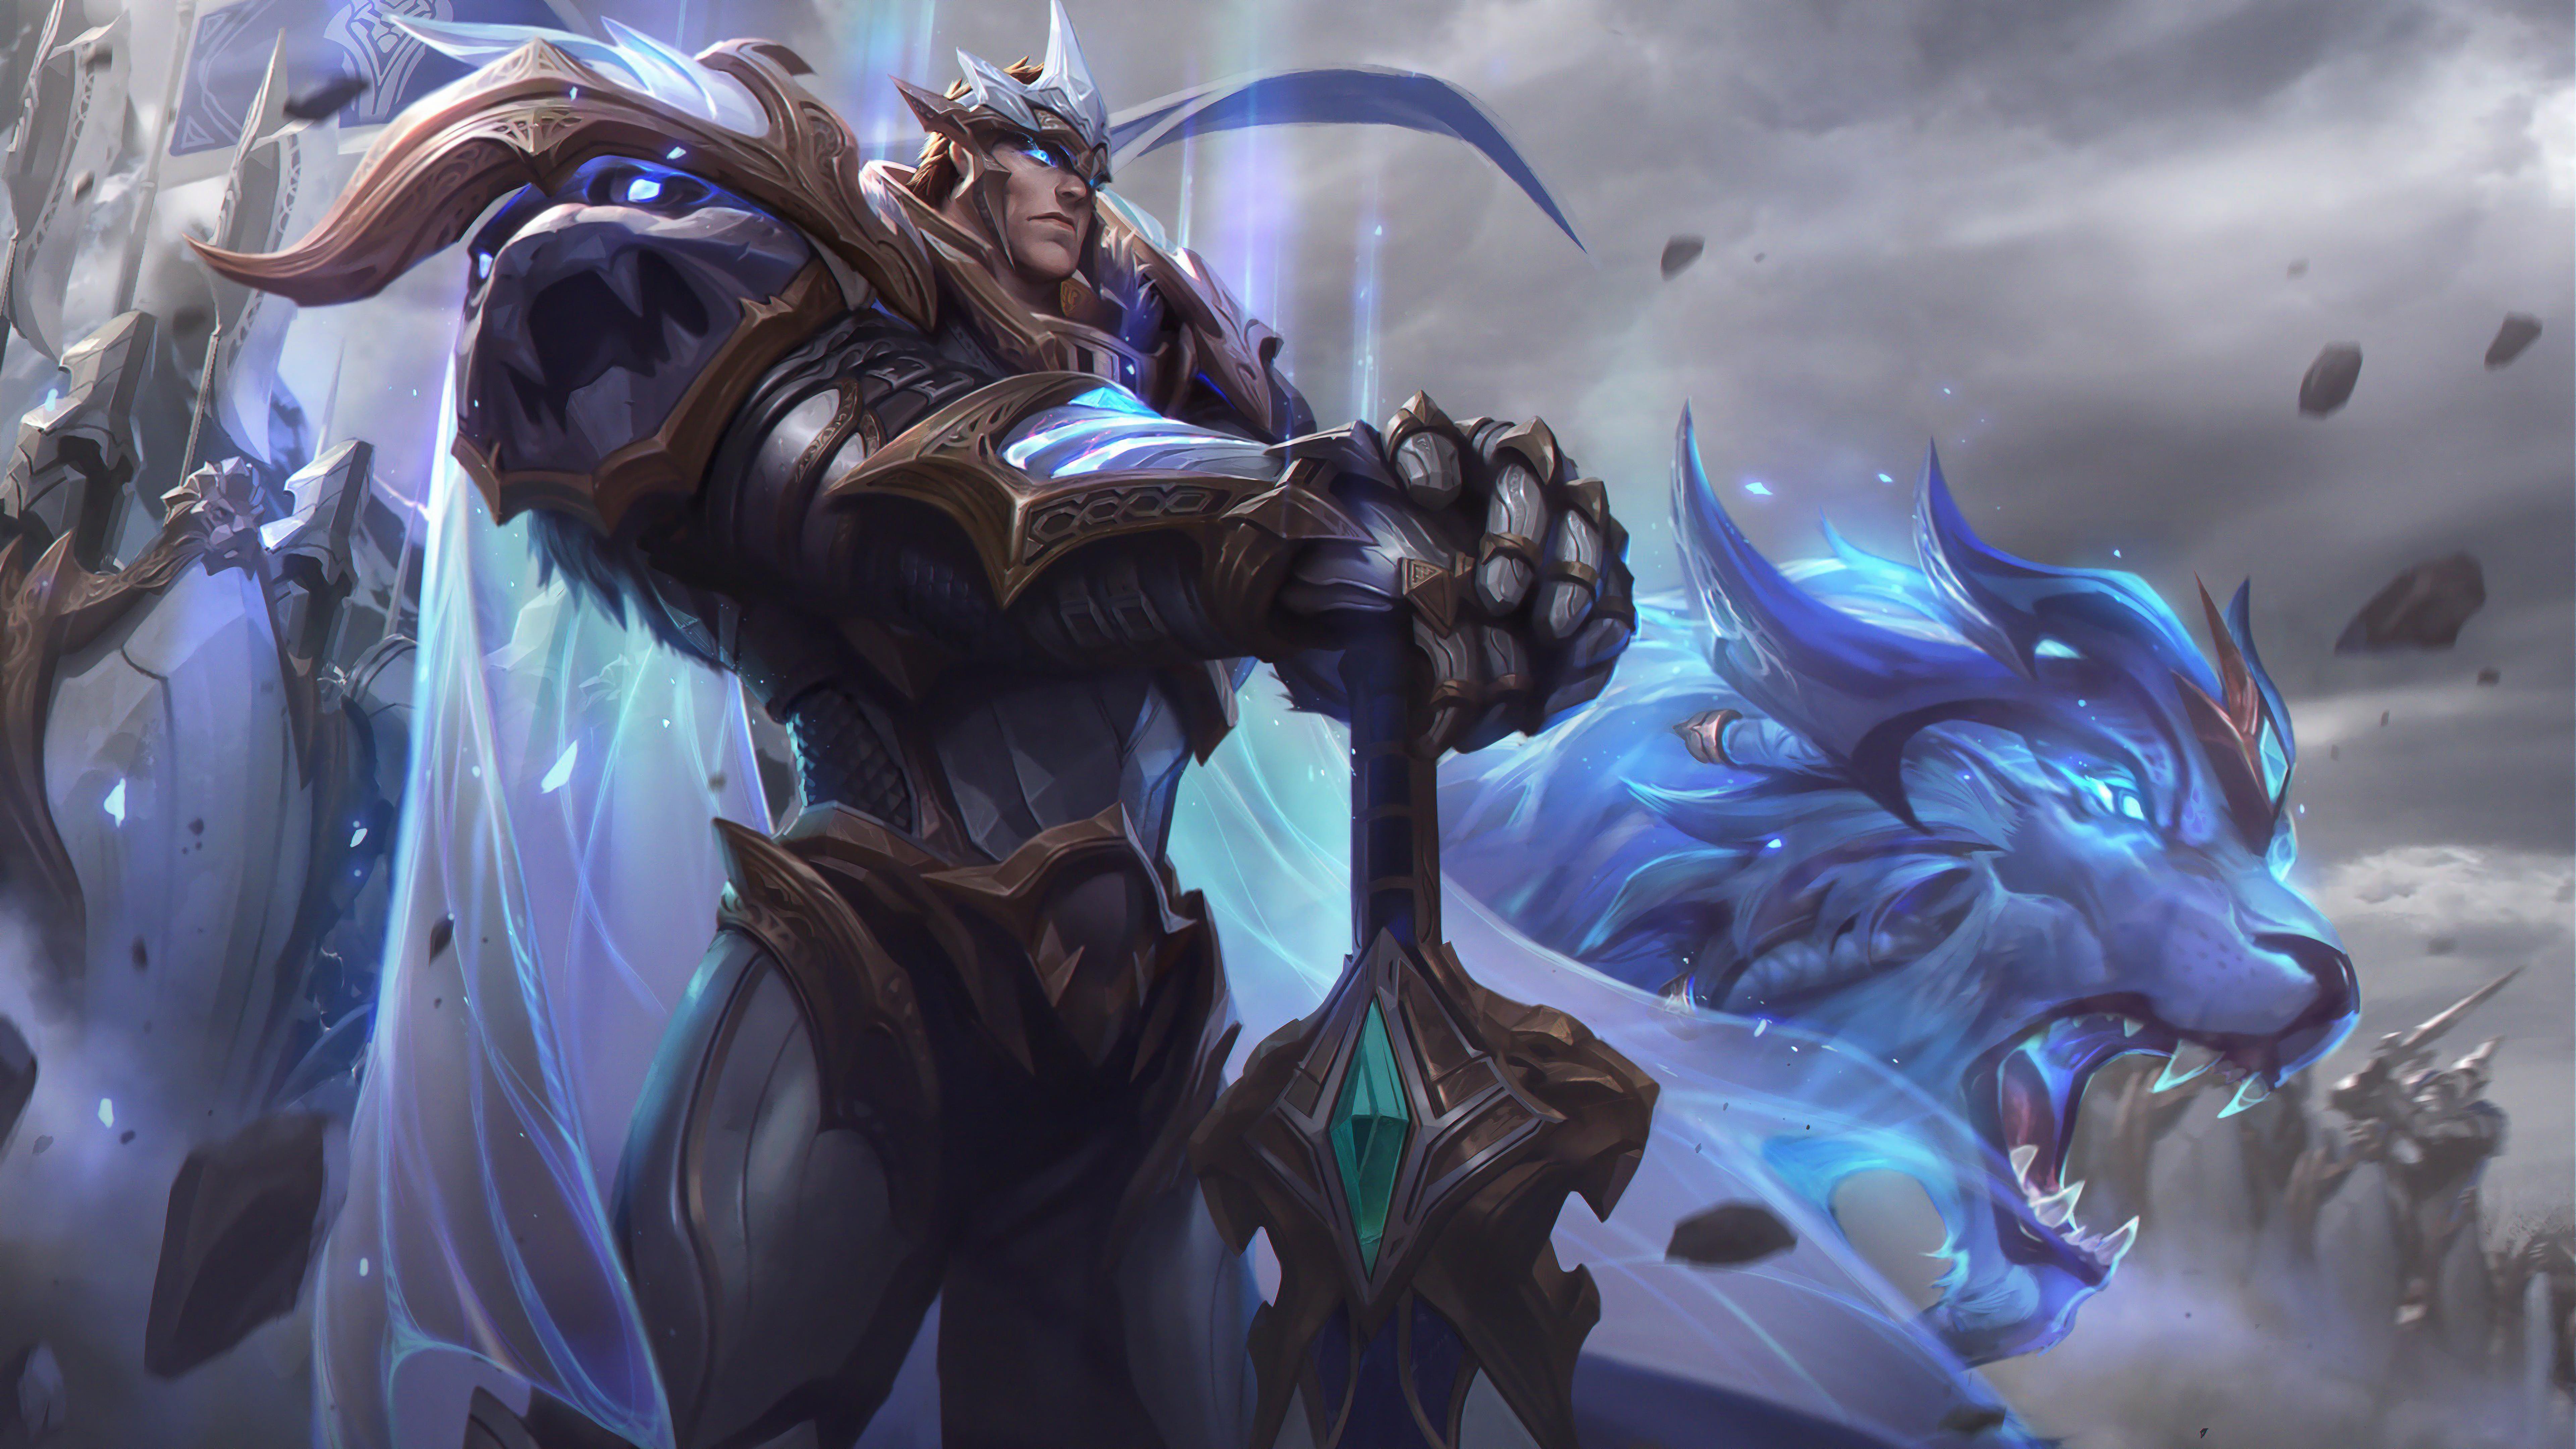 god king garen lol splash art league of legends lol 1574103472 - God King Garen LoL Splash Art League of Legends lol - league of legends, God-Kings - League of Legends, Garen